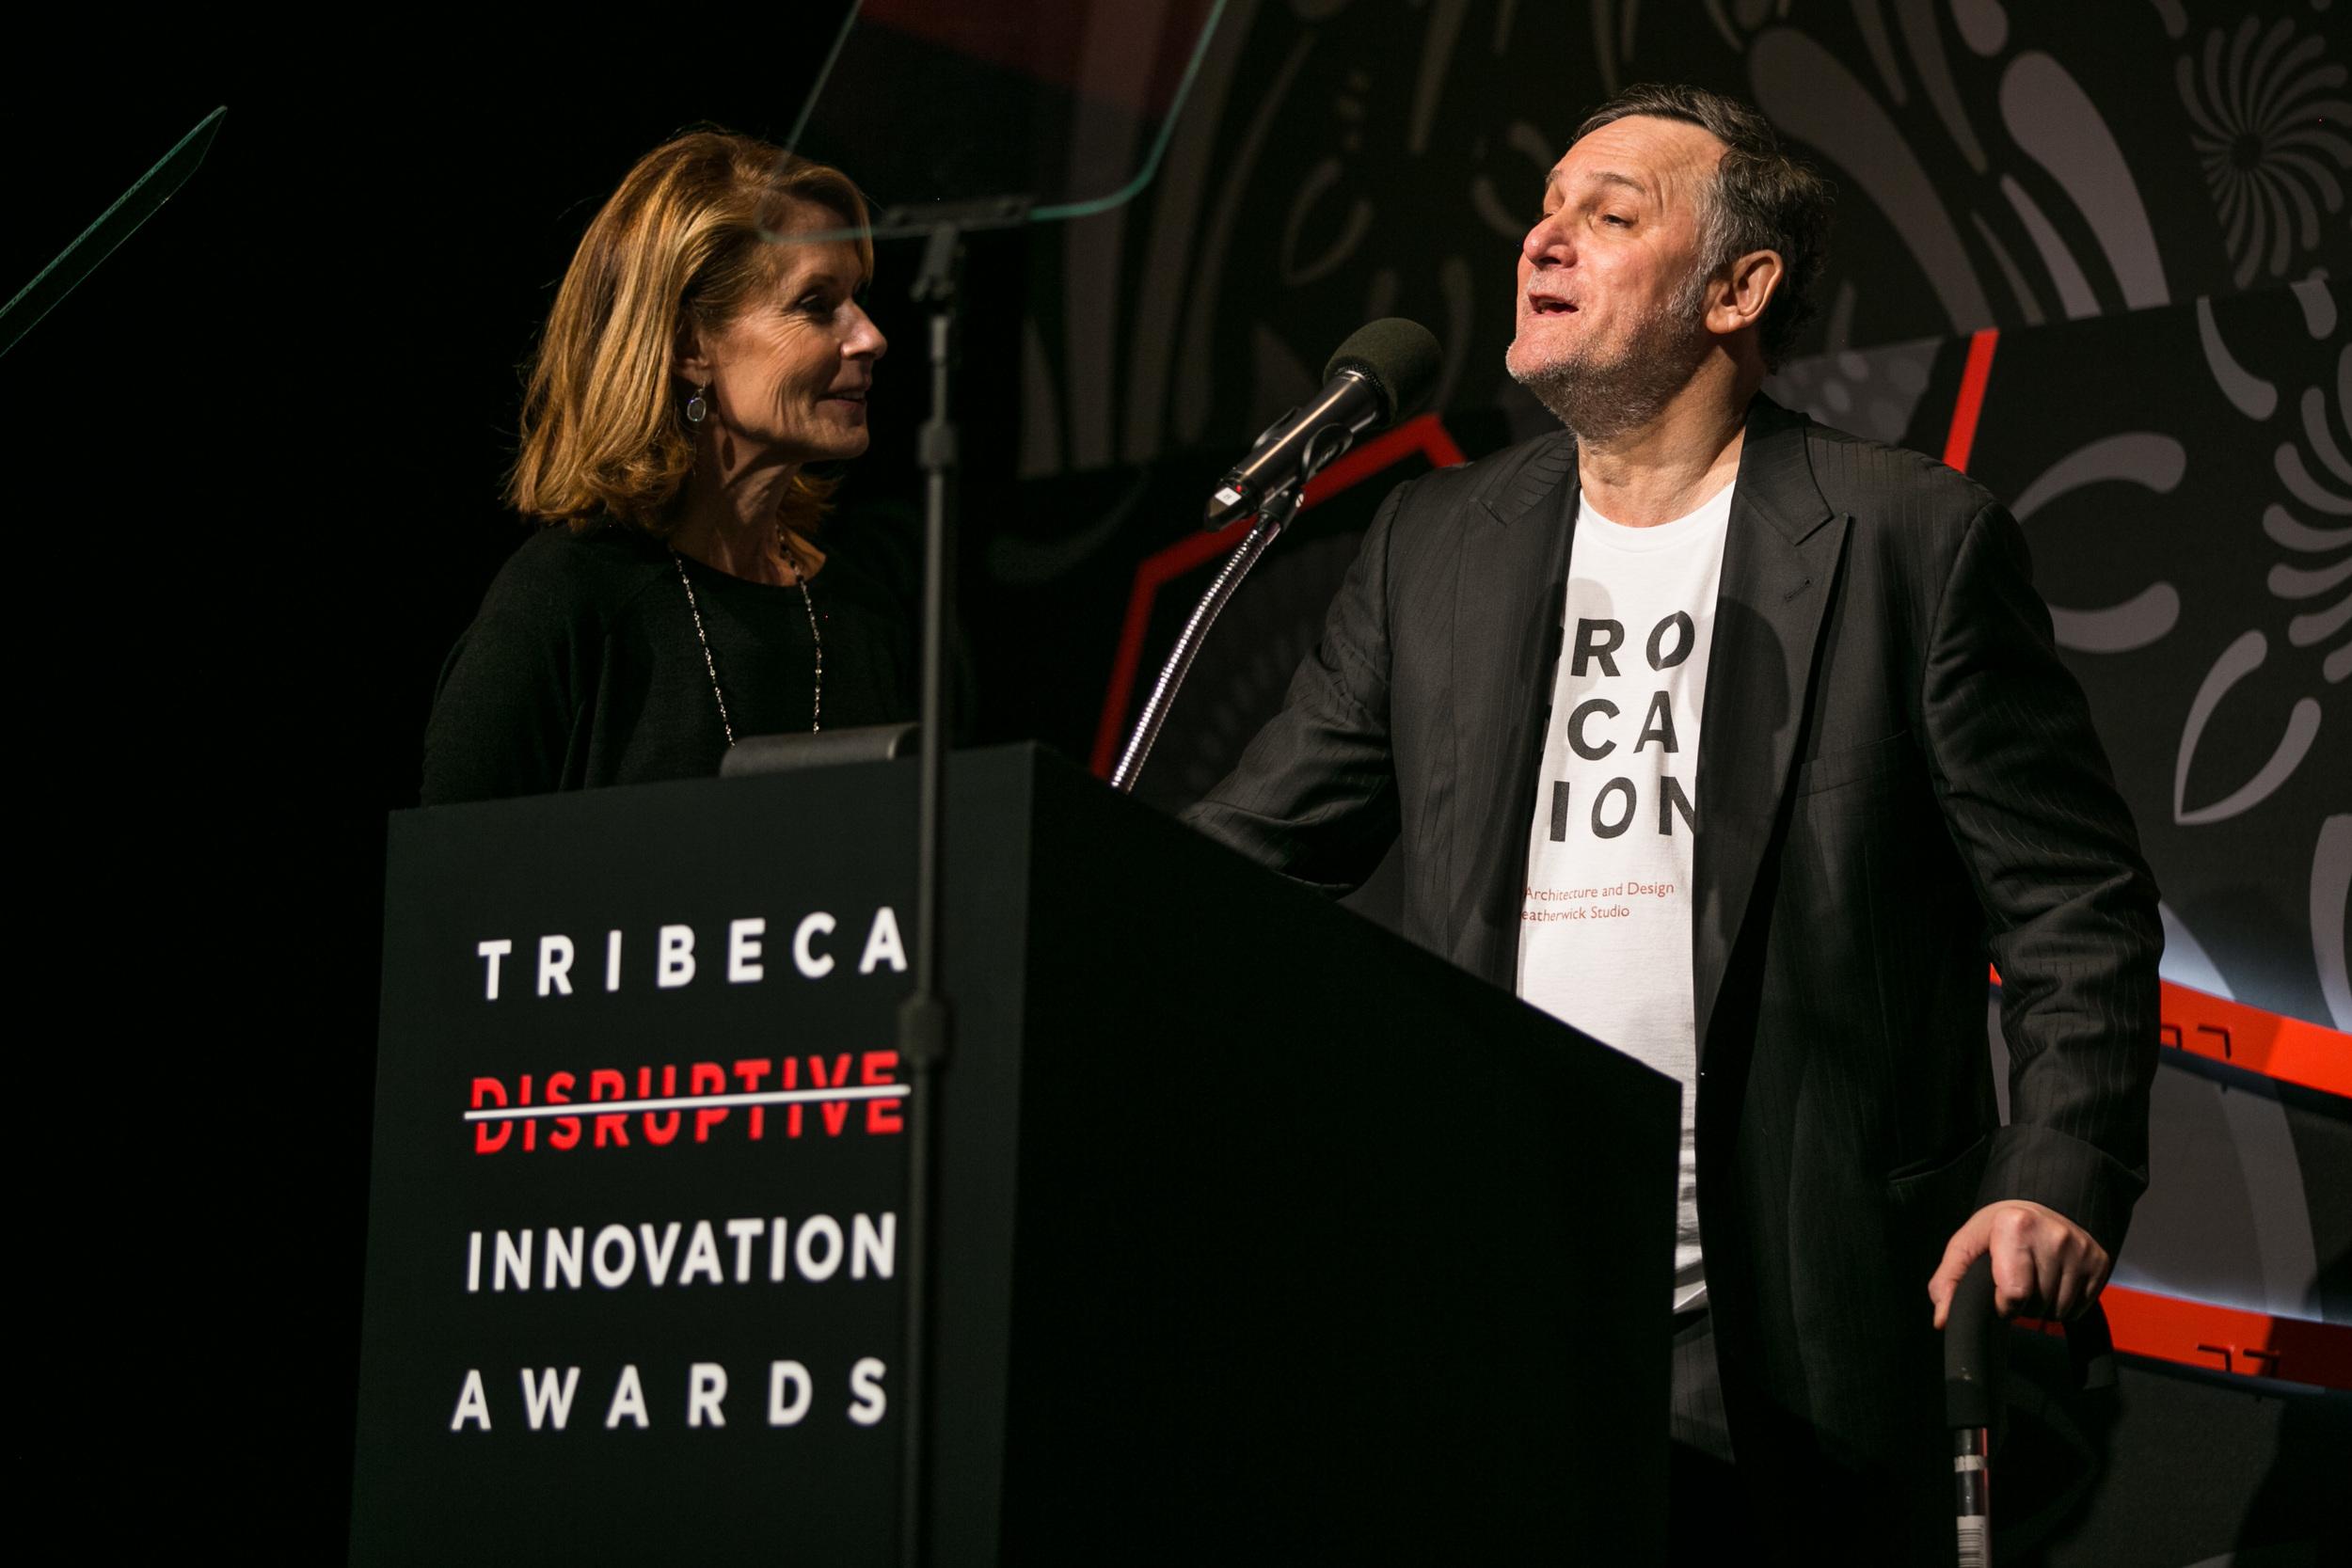 20160422-Tribeca Disruptive Innovation Awards-1380.jpg